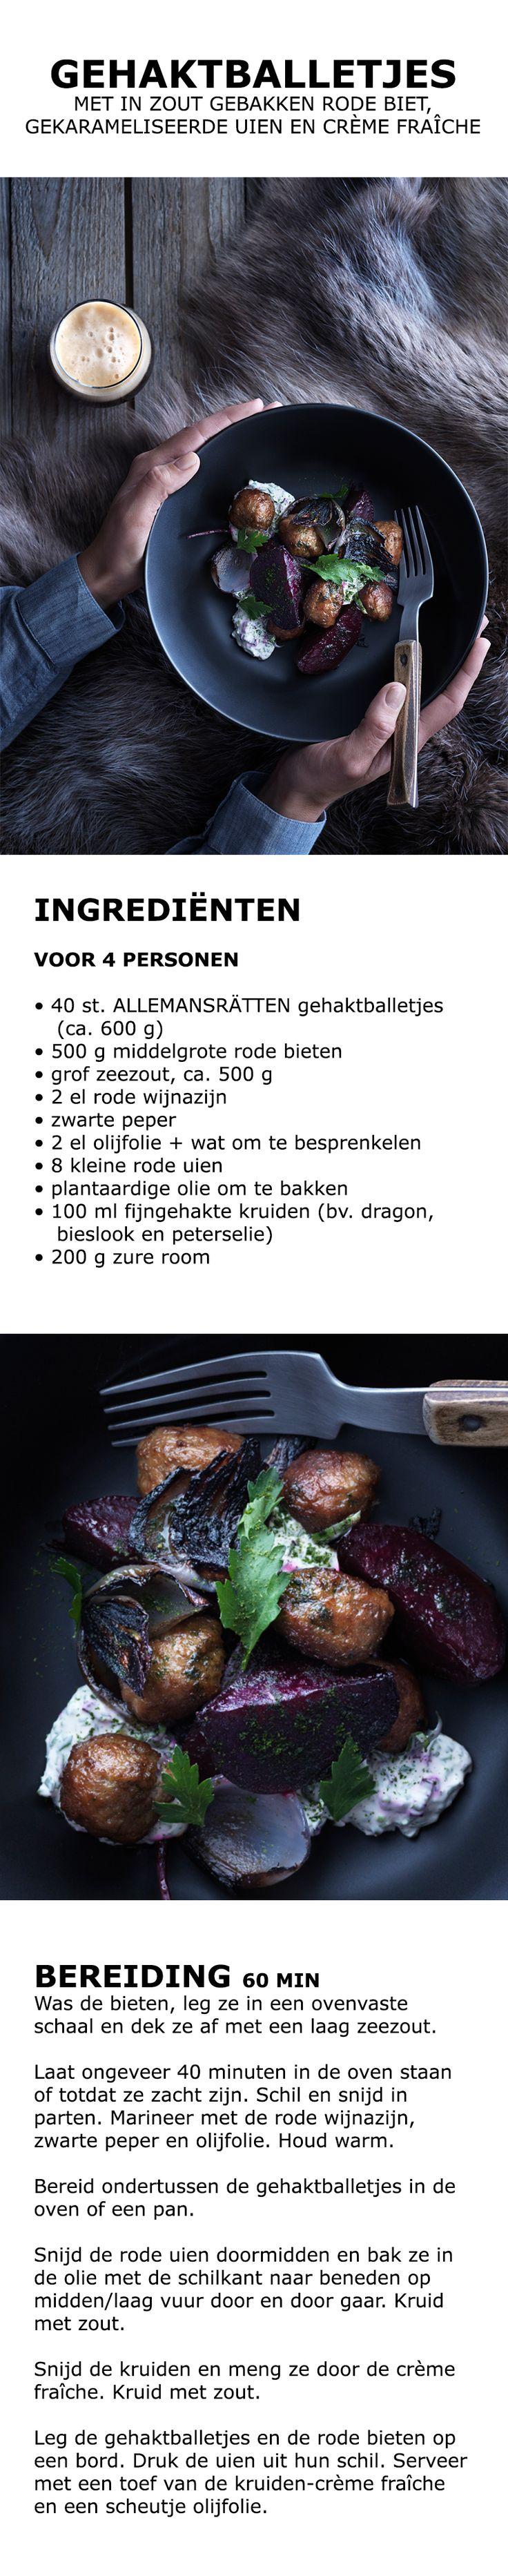 Inspiratie voor de feestdagen - Gehaktballetjes met in zout gebakken rode biet, gekarameliseerde uien en crème fraîche | IKEA IKEAnederland koken keuken recept herfst winter kerst diner lunch bieten rode ui kruiden